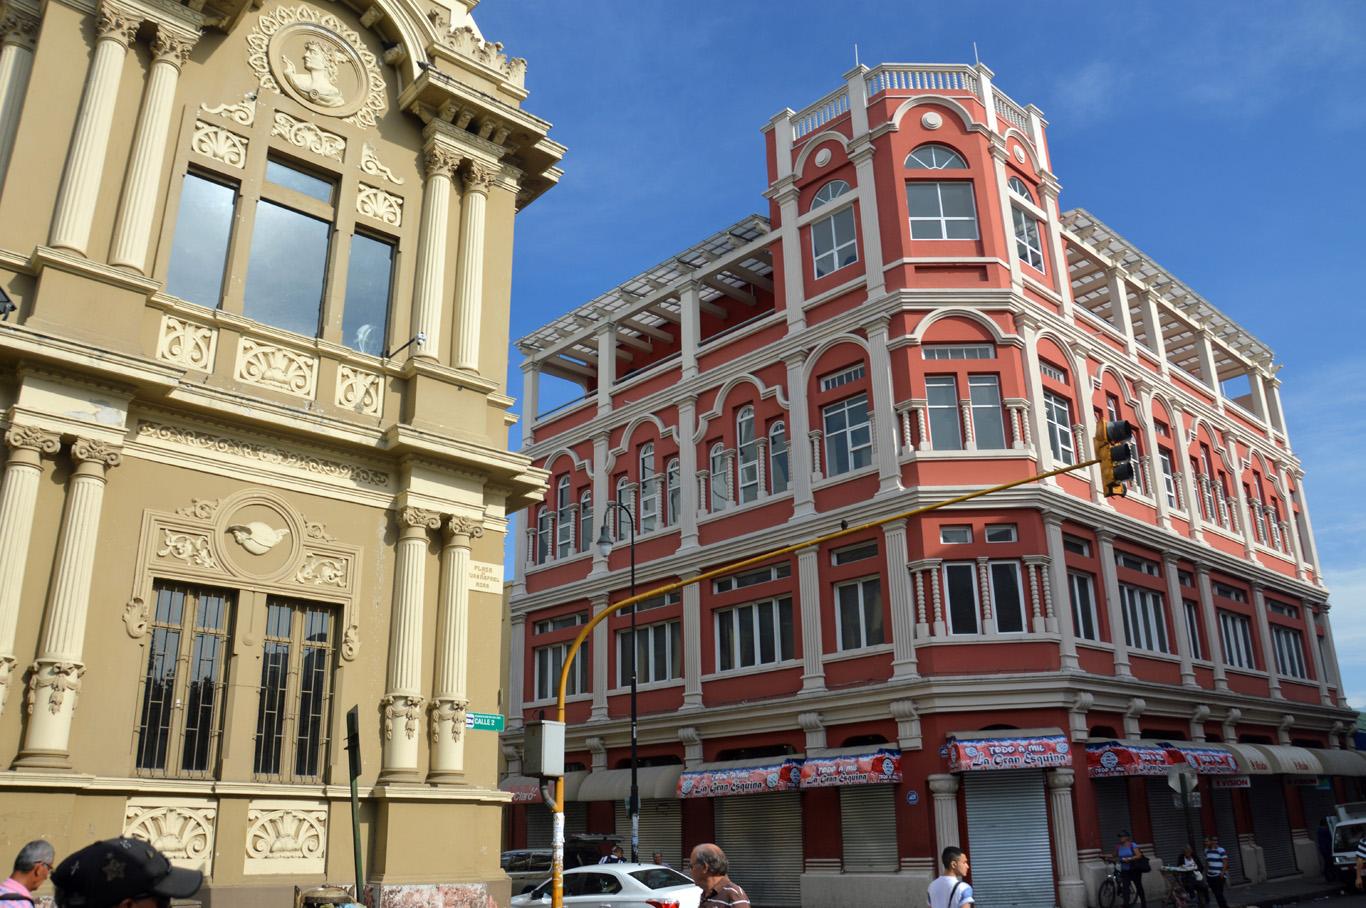 Red Edificio Herdocia building